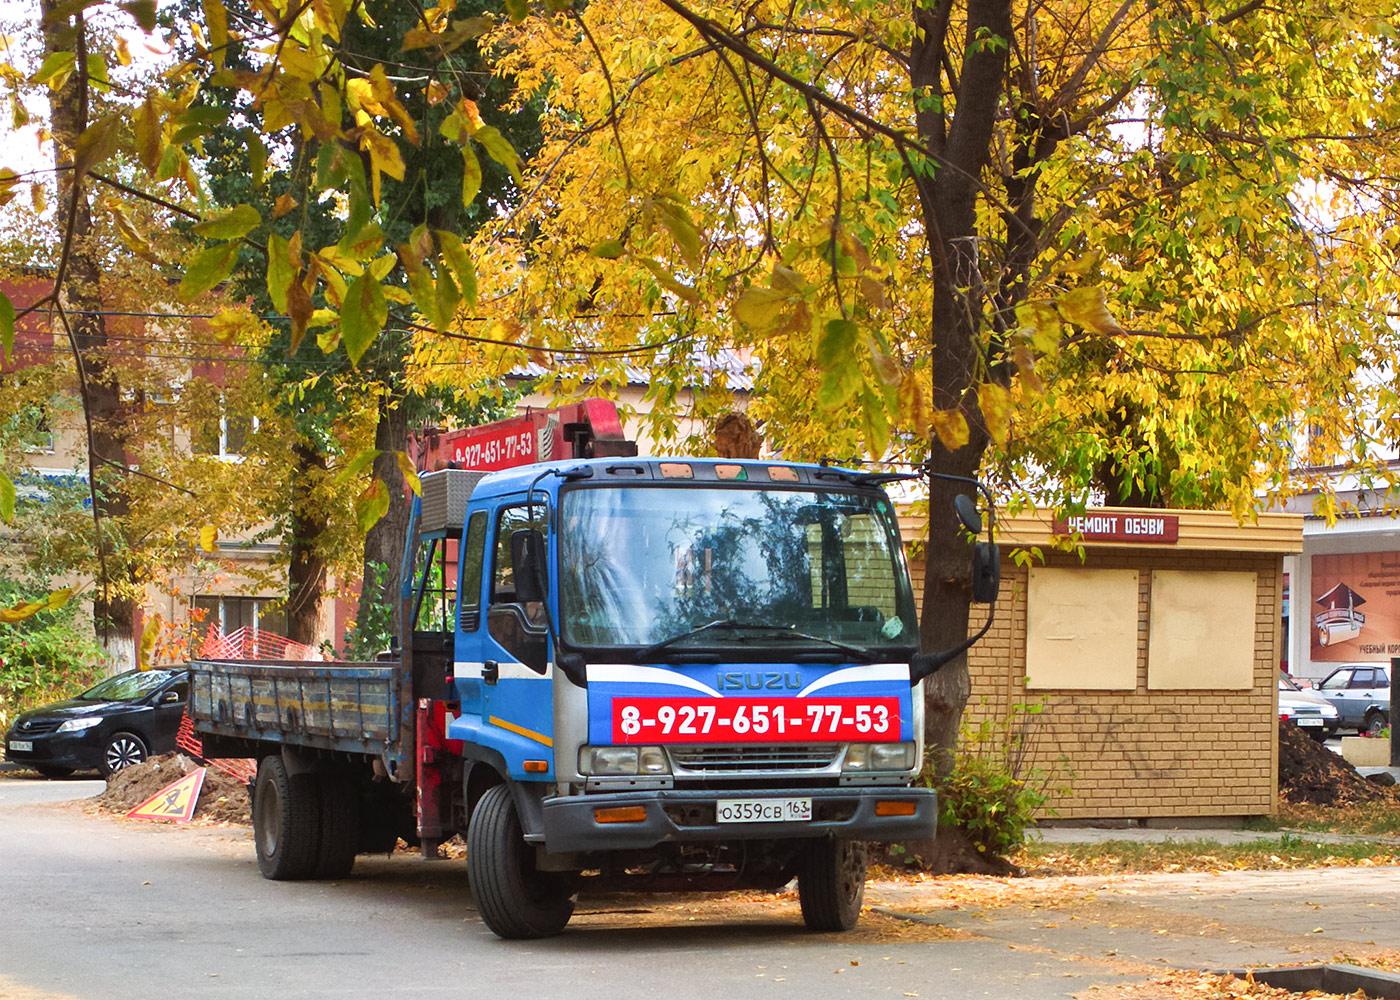 Грузовой автомобиль с кран-манипуляторным устройством Isuzu Forward #О359СВ163. г. Самара, ул. Полевая